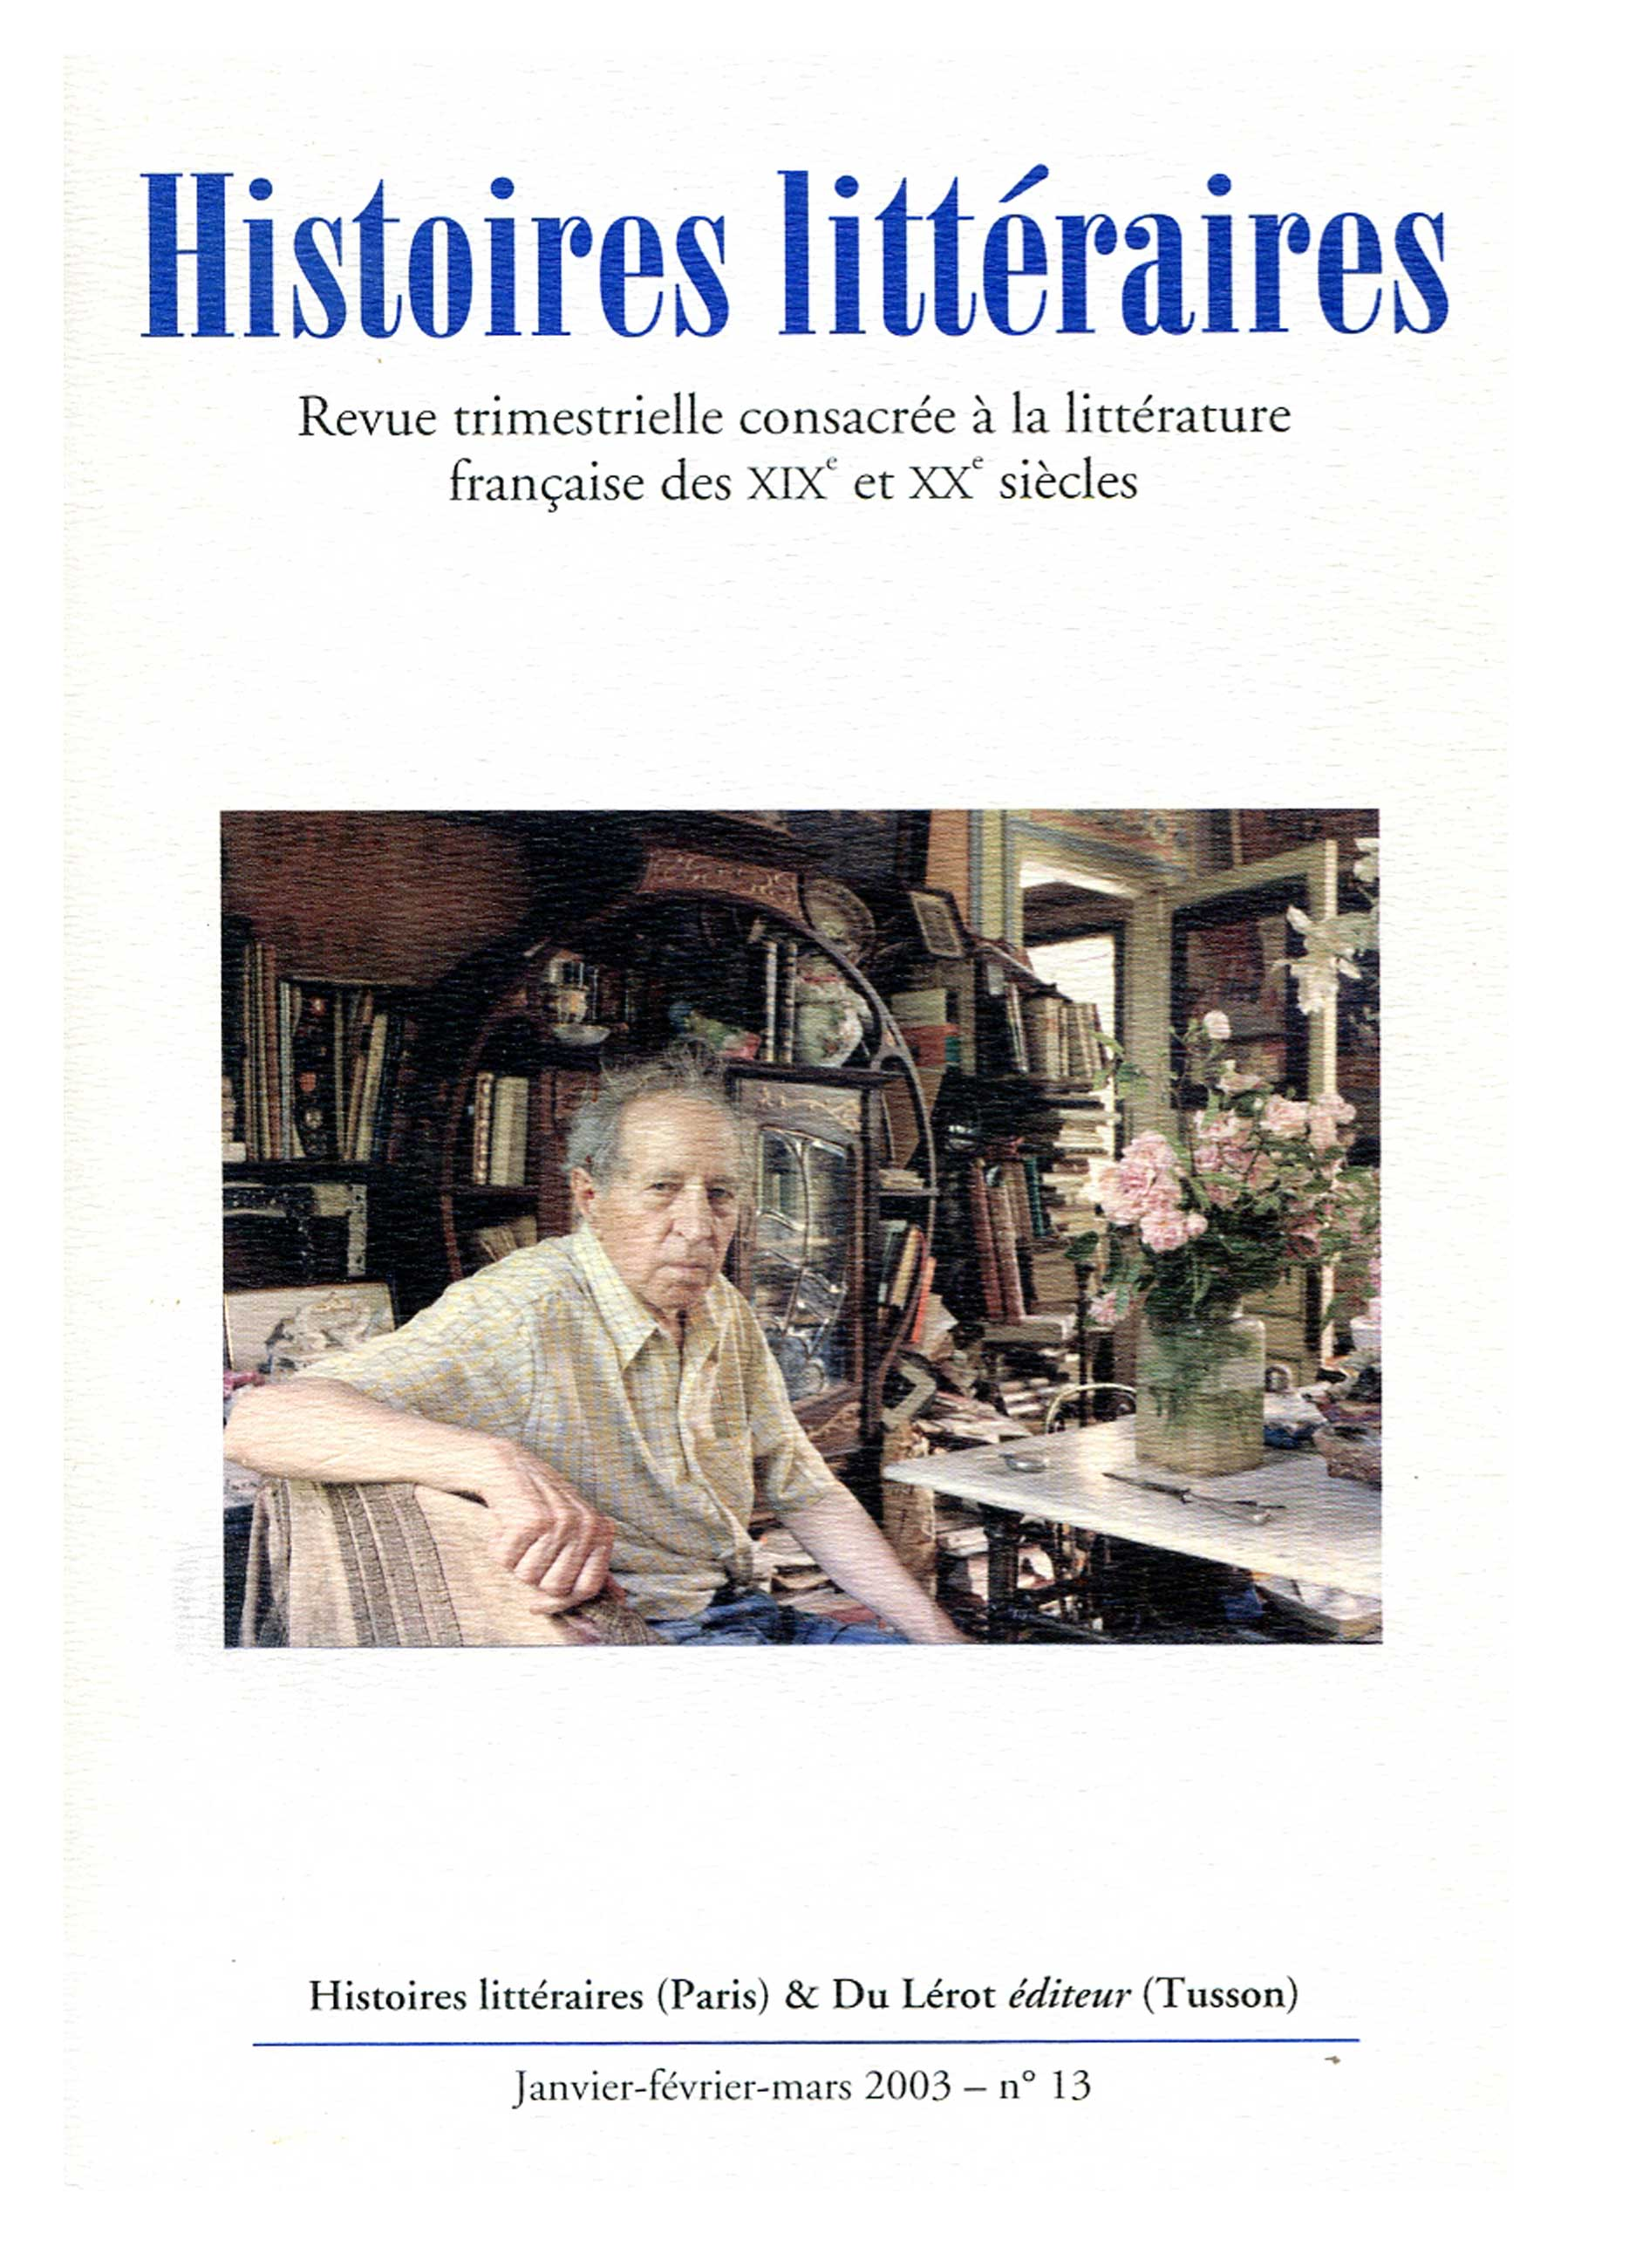 Couverture d'Histoires littéraires n°13